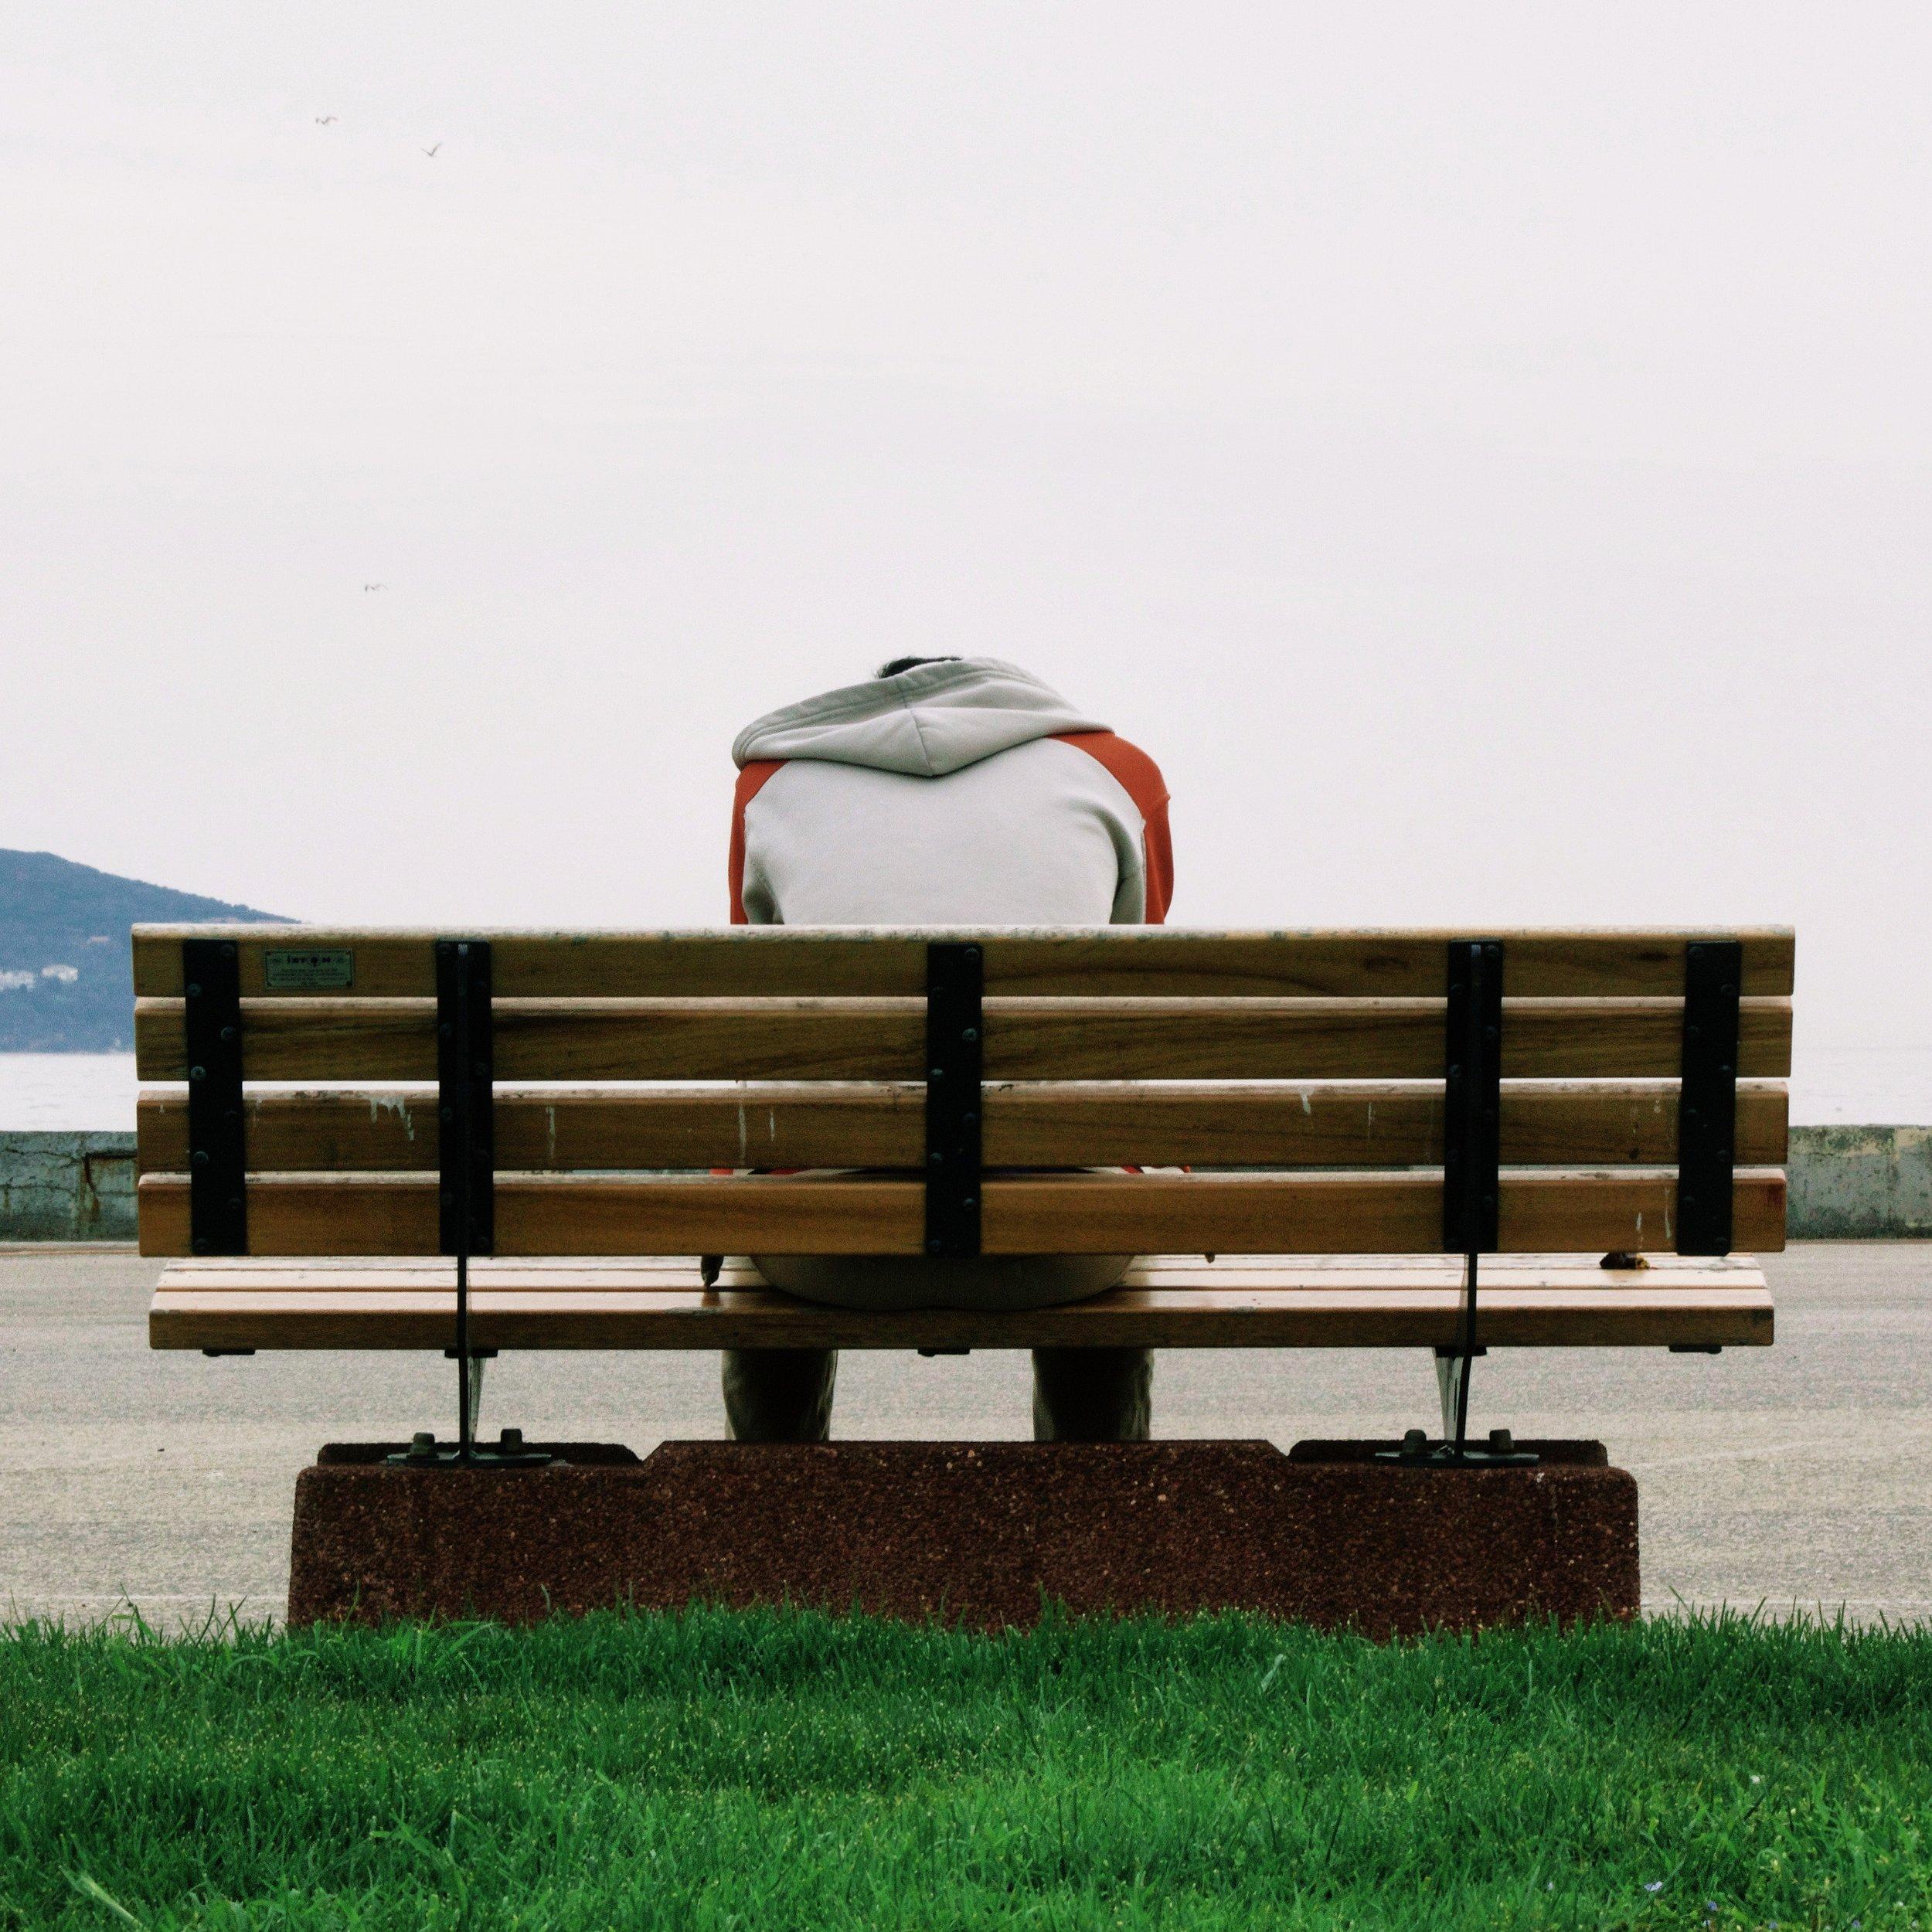 bench-grass-guy-66757.jpg